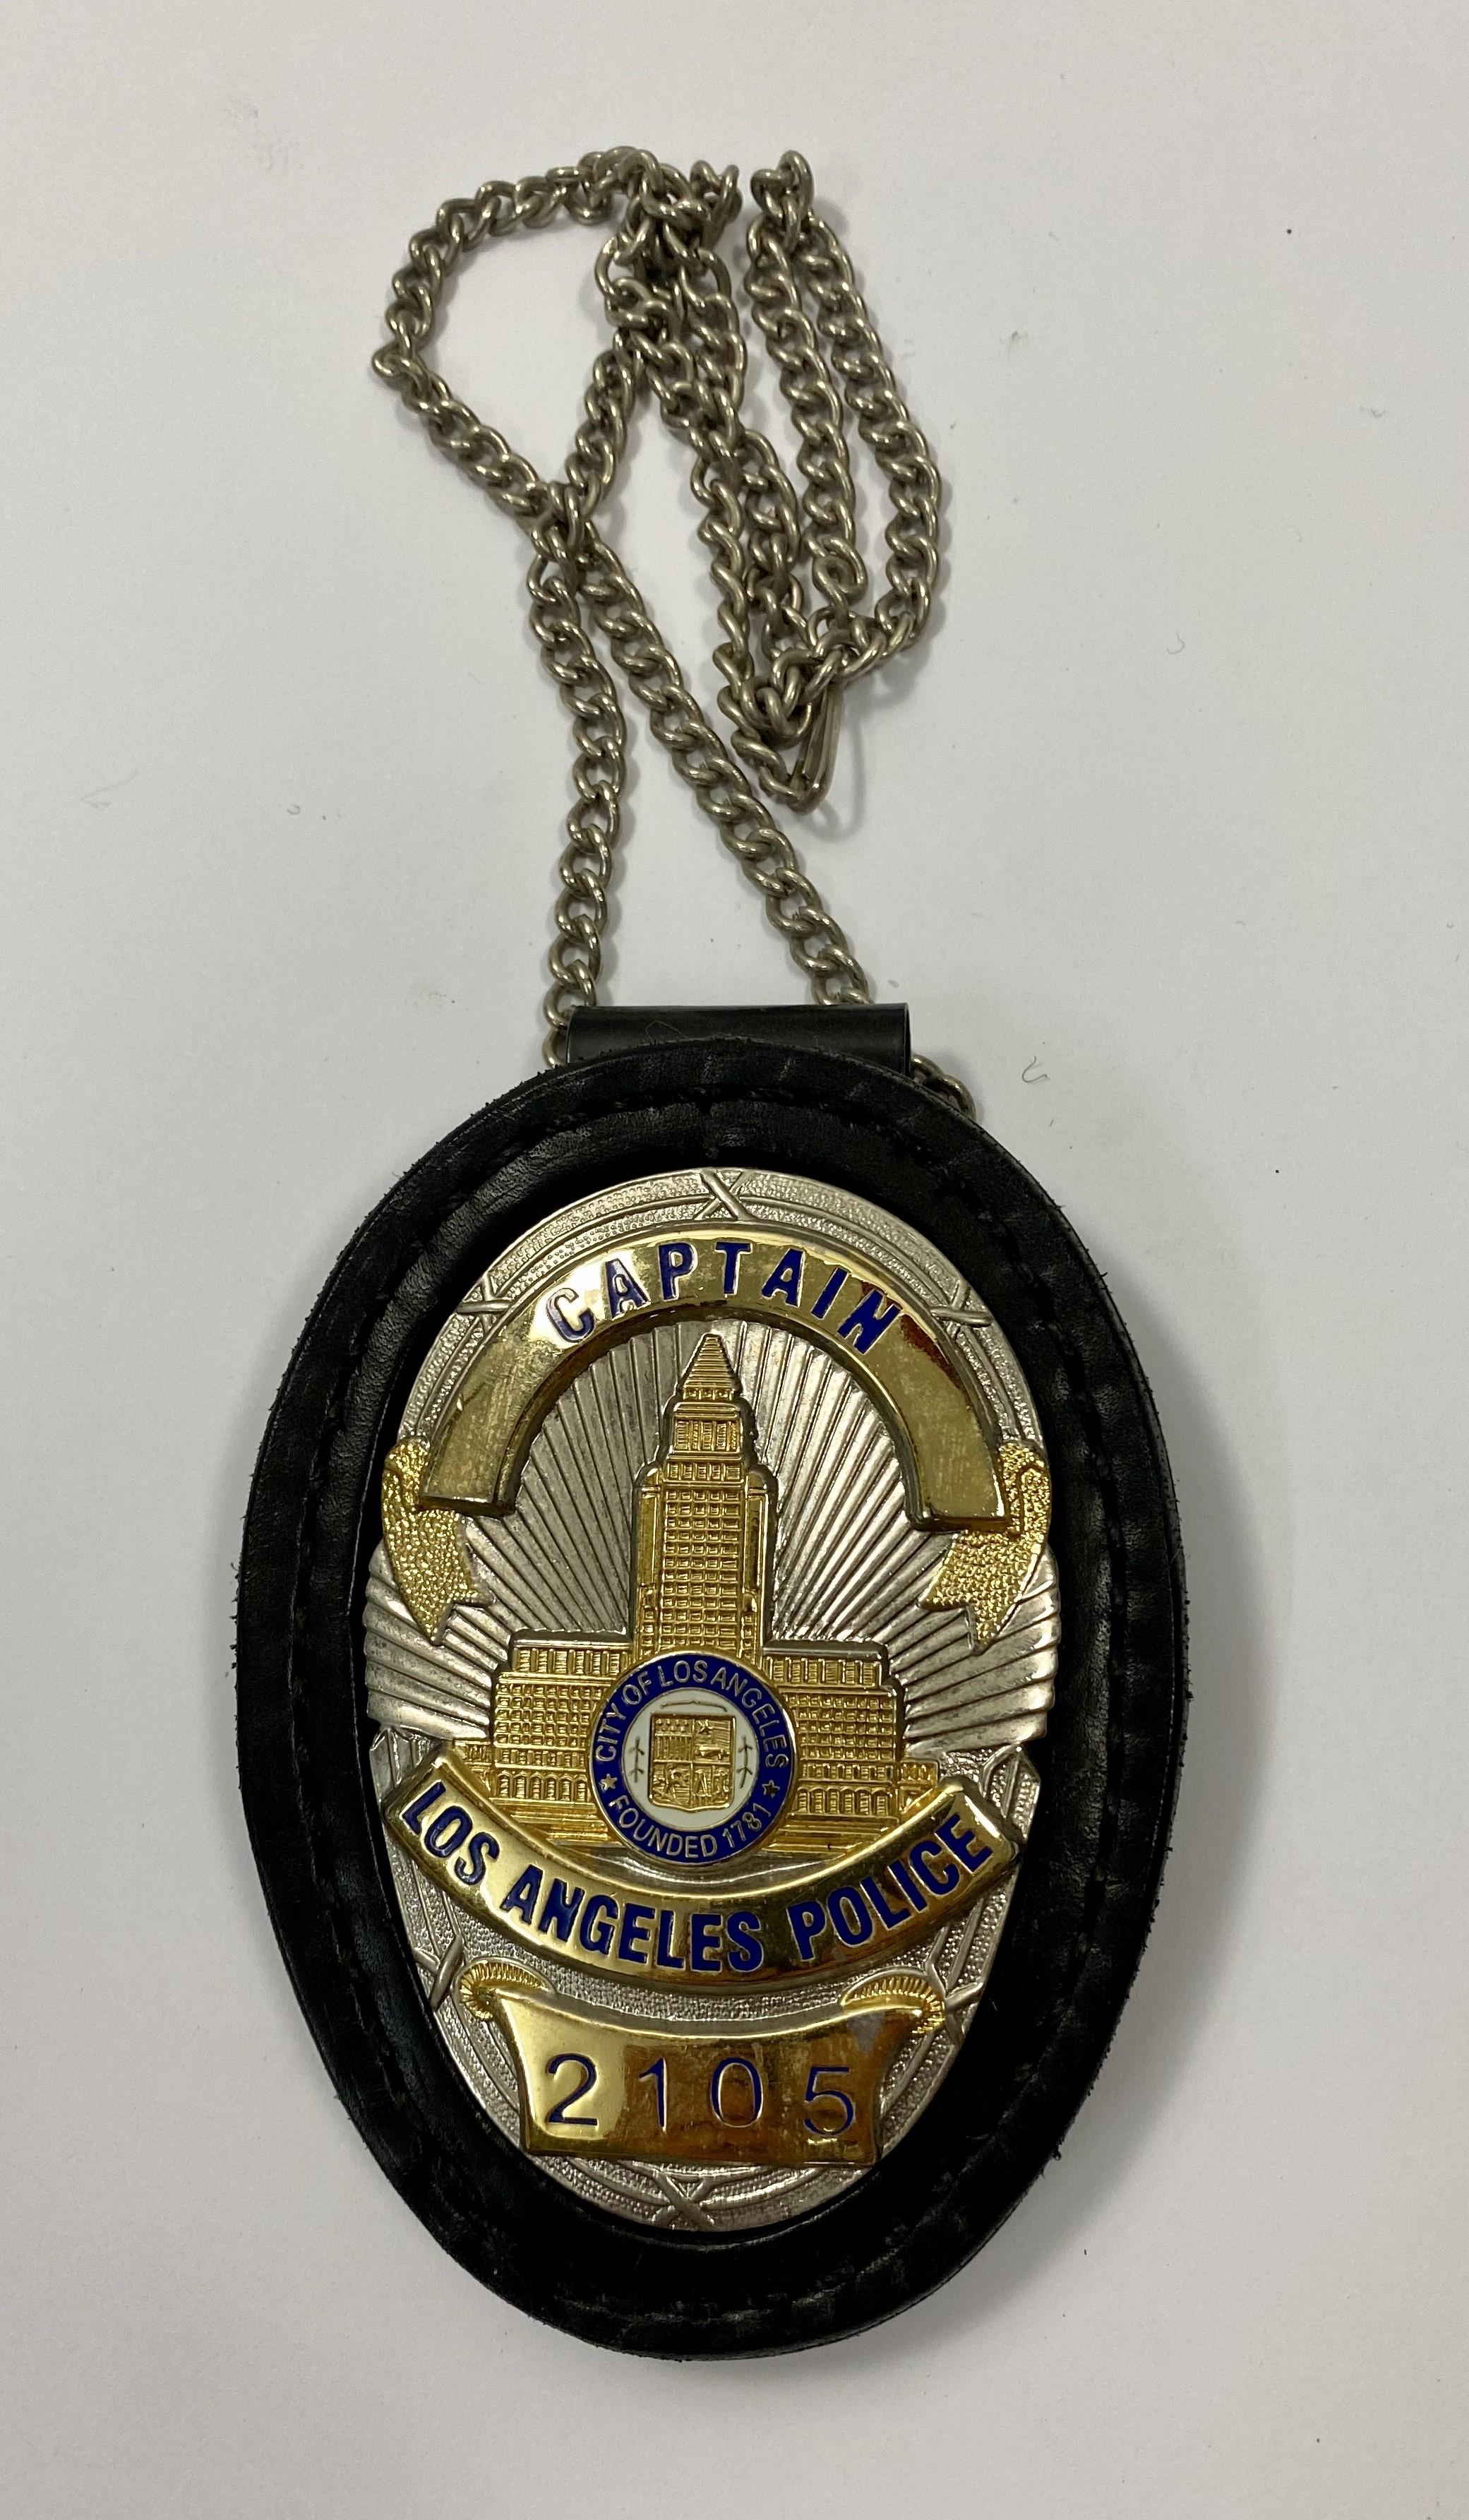 CUELLO-CAPTAIN LOS ANGELES POLICE 2105-POLICE BADGE